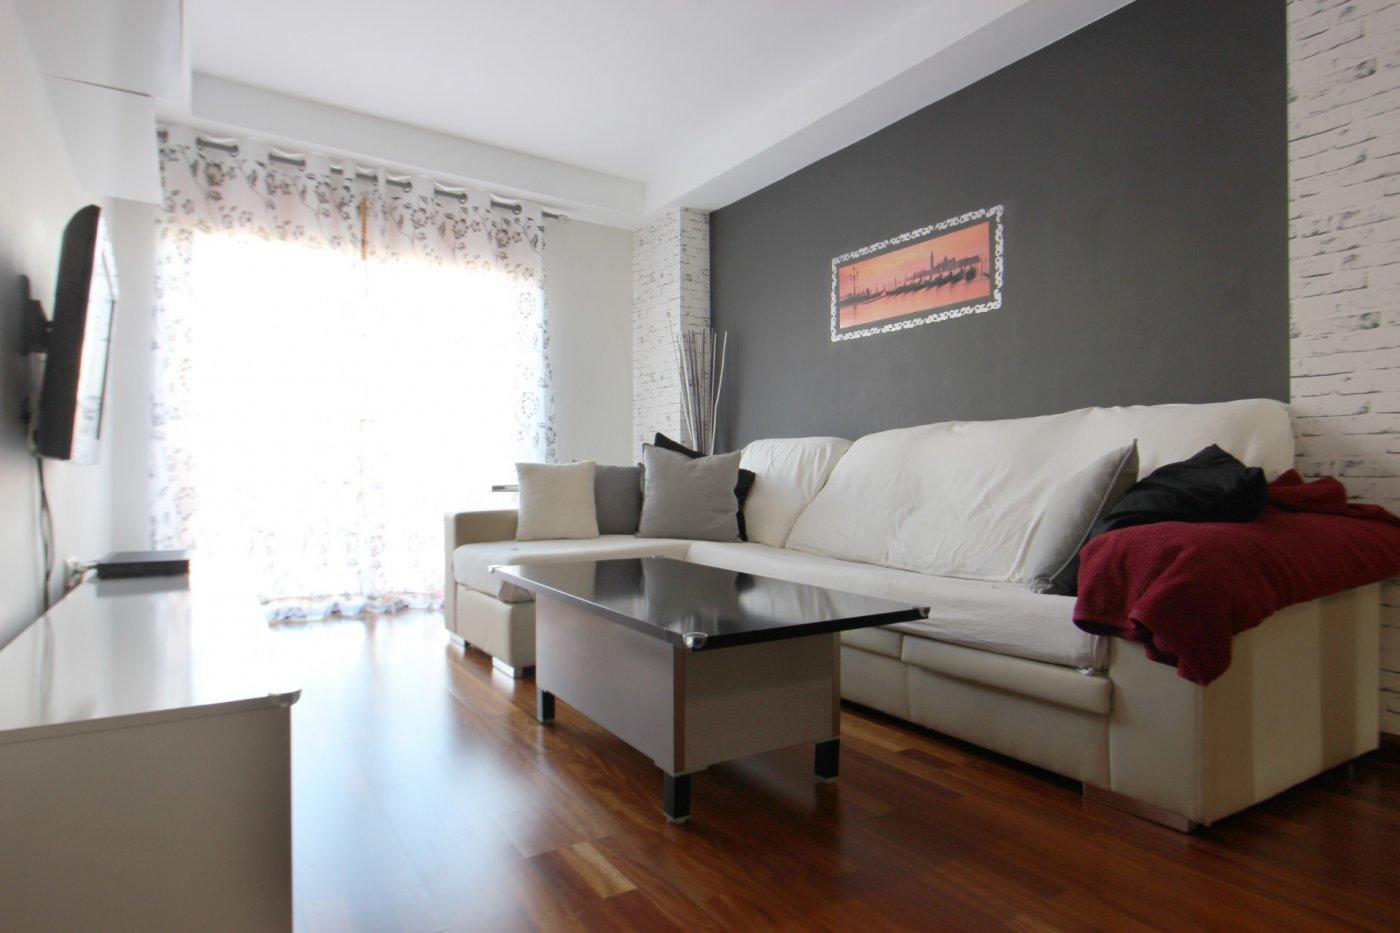 piso en bonrepos-i-mirambell · bonrepos-i-mirambell 0€